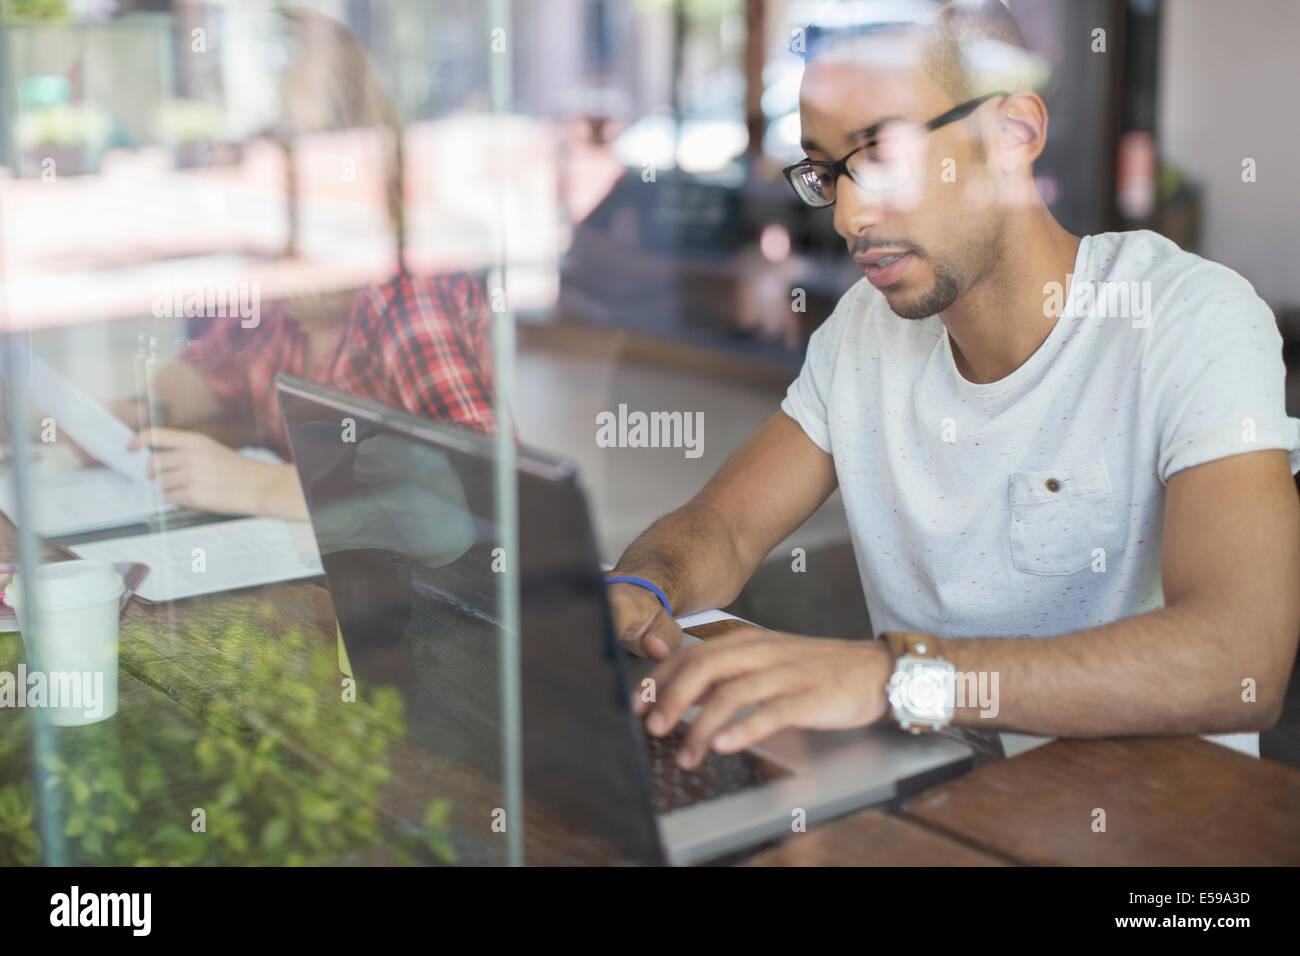 Hombre utilizando el portátil en la cafetería Imagen De Stock